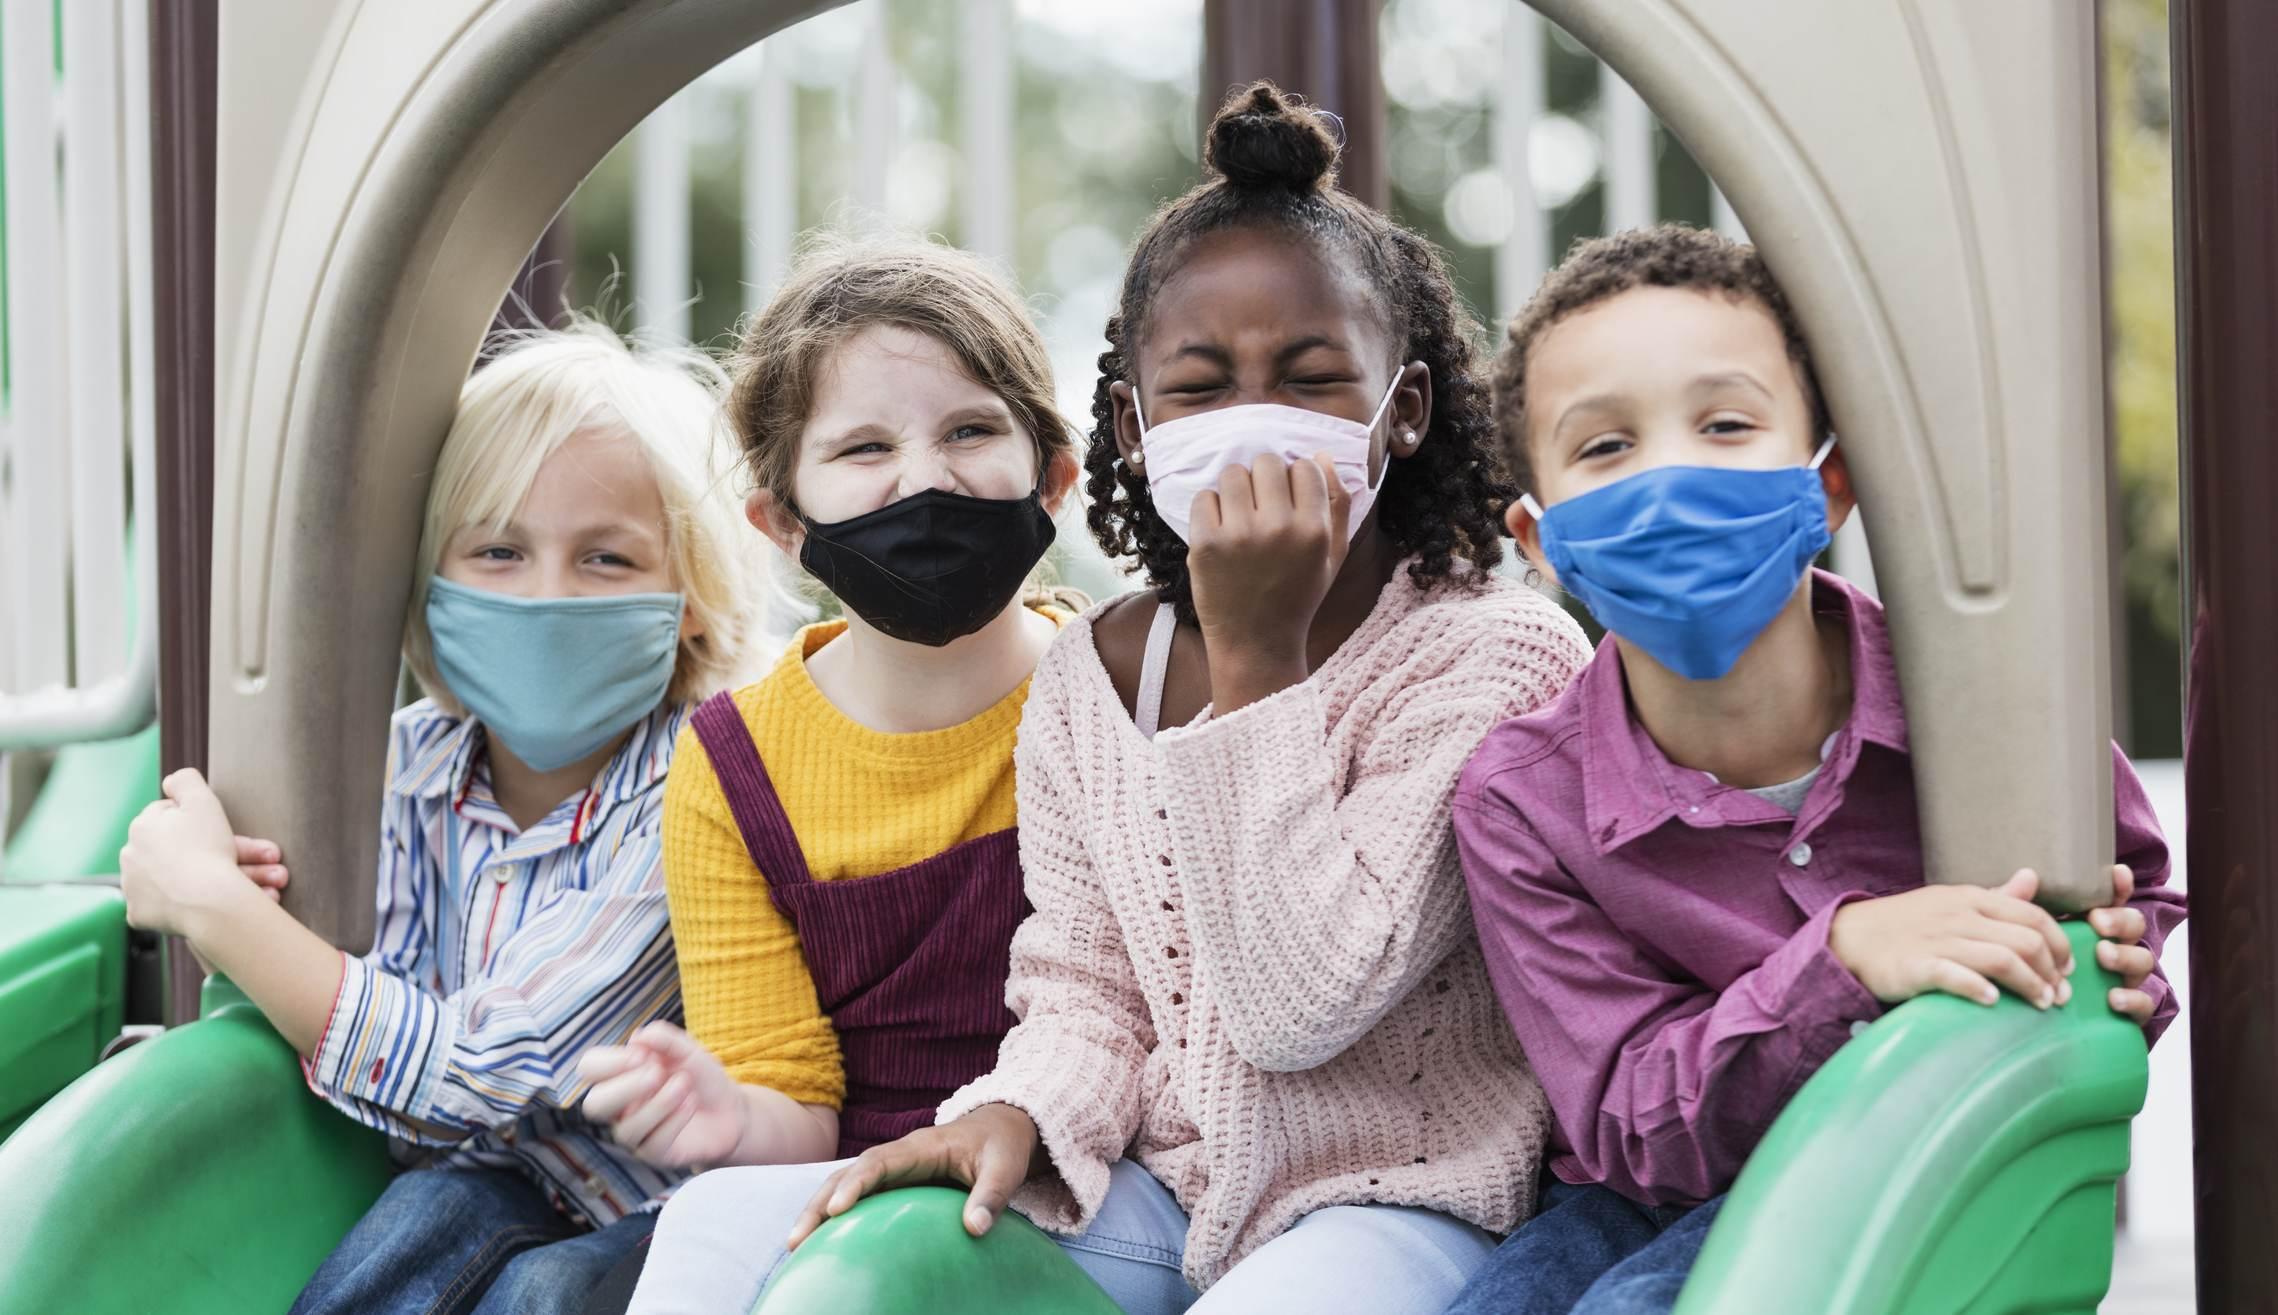 Crianças maiores de 2 anos devem usar máscara